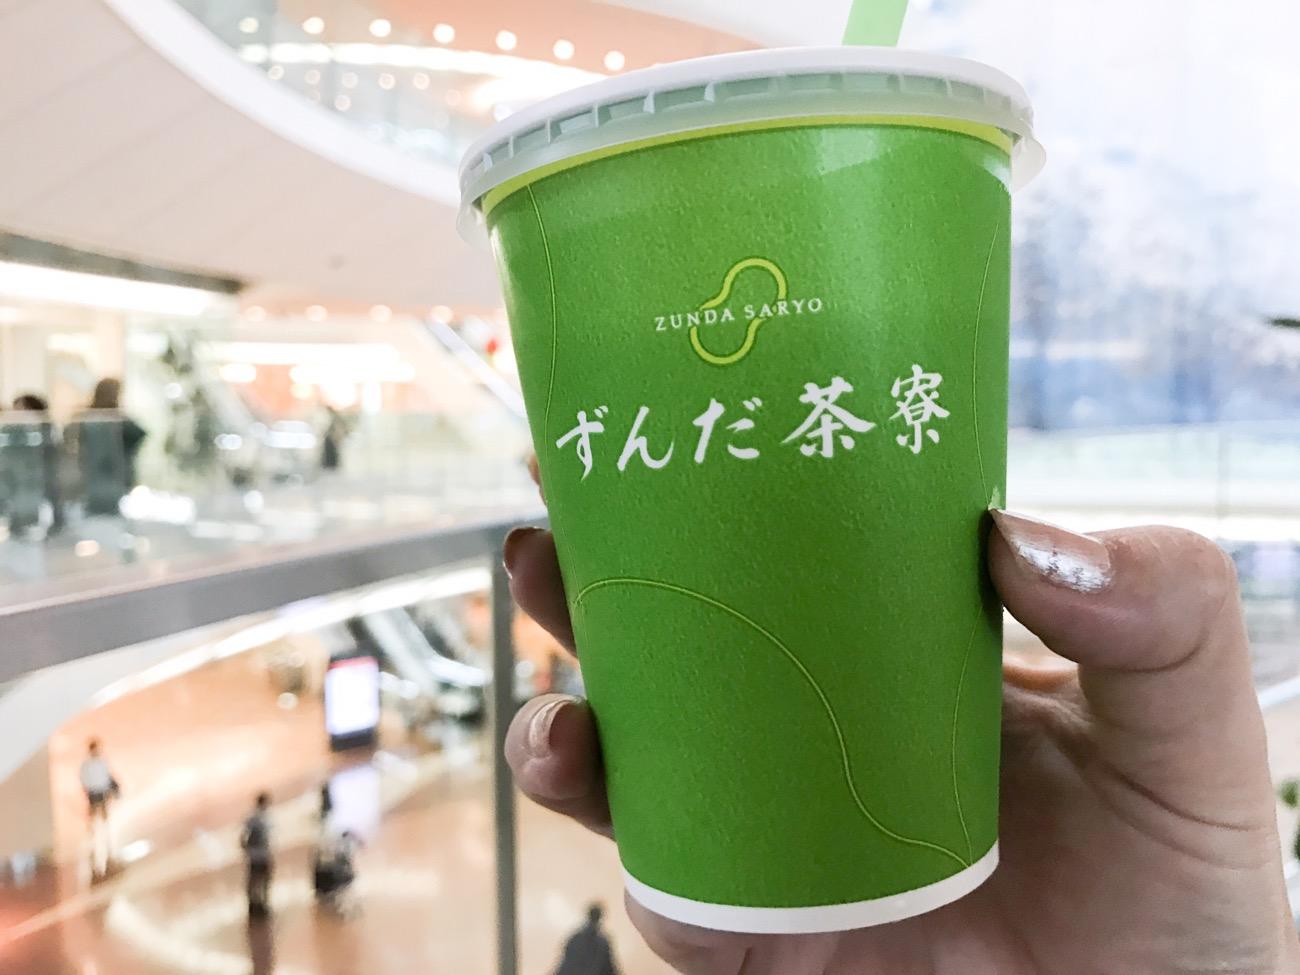 ずんだシェイクの「ずんだ茶寮」羽田空港国内線の新店舗